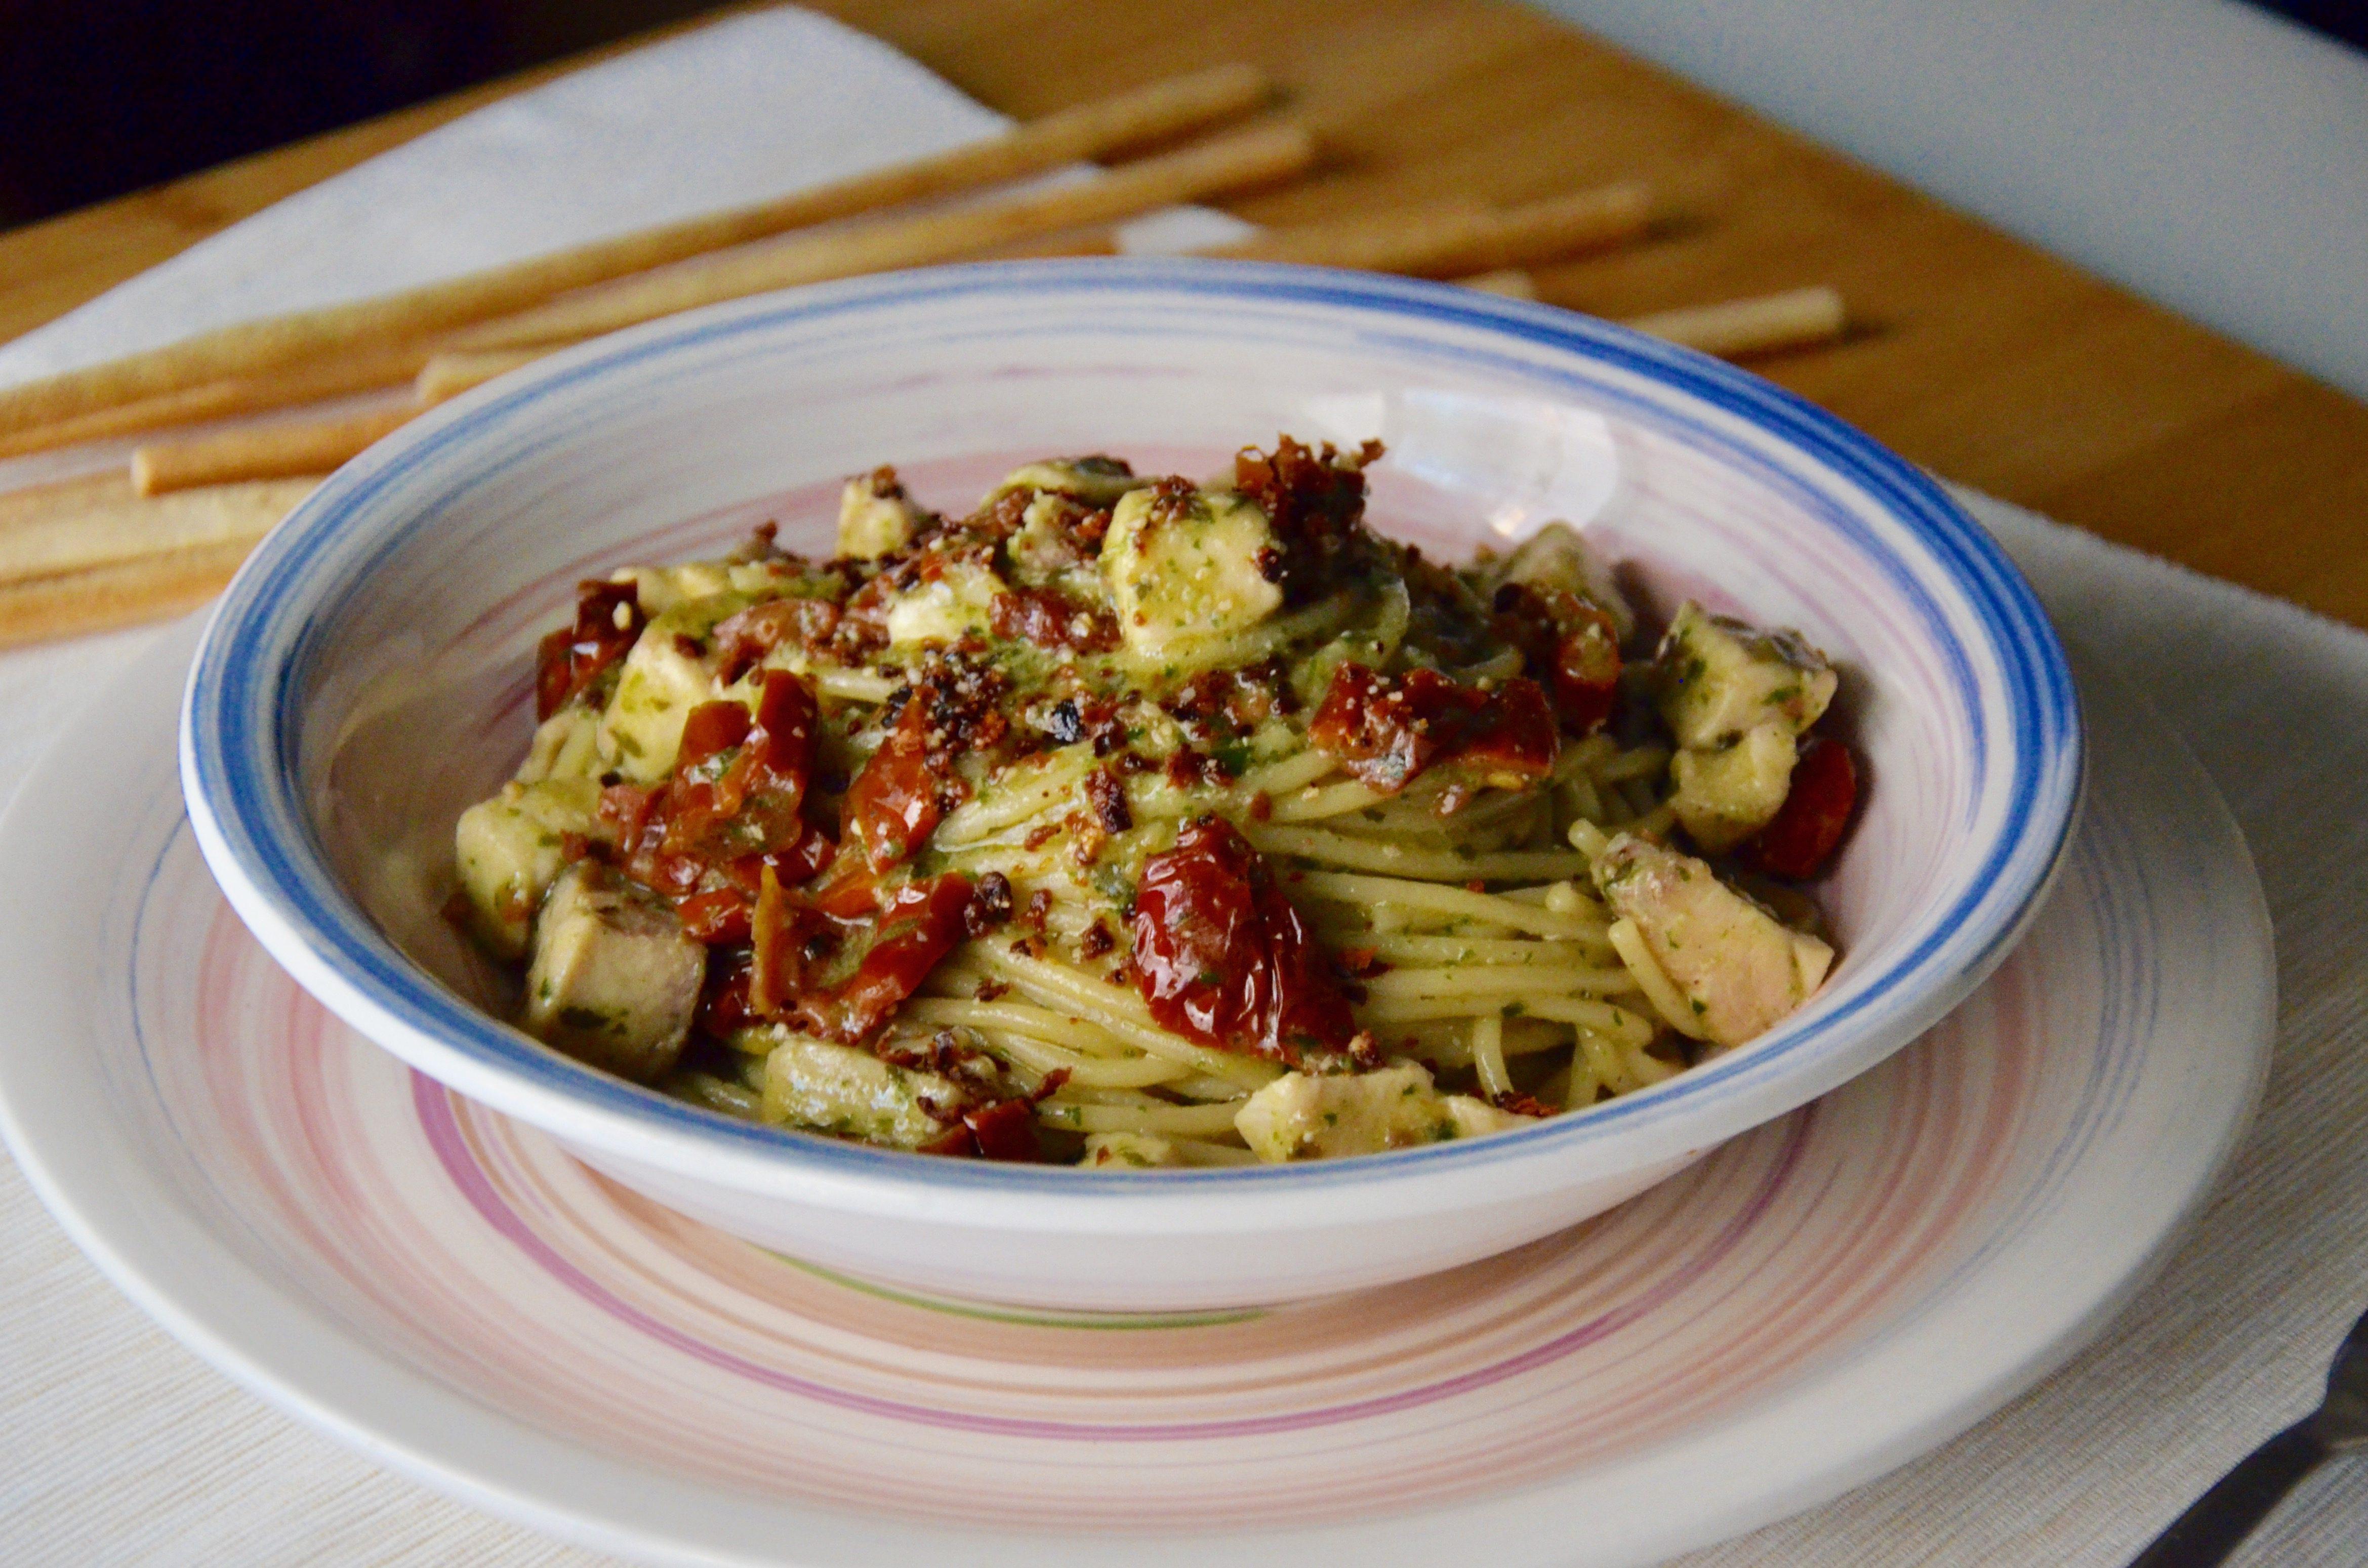 Spaghetti con pesce spada e pomodori secchi: la ricetta del primo goloso e semplicissimo